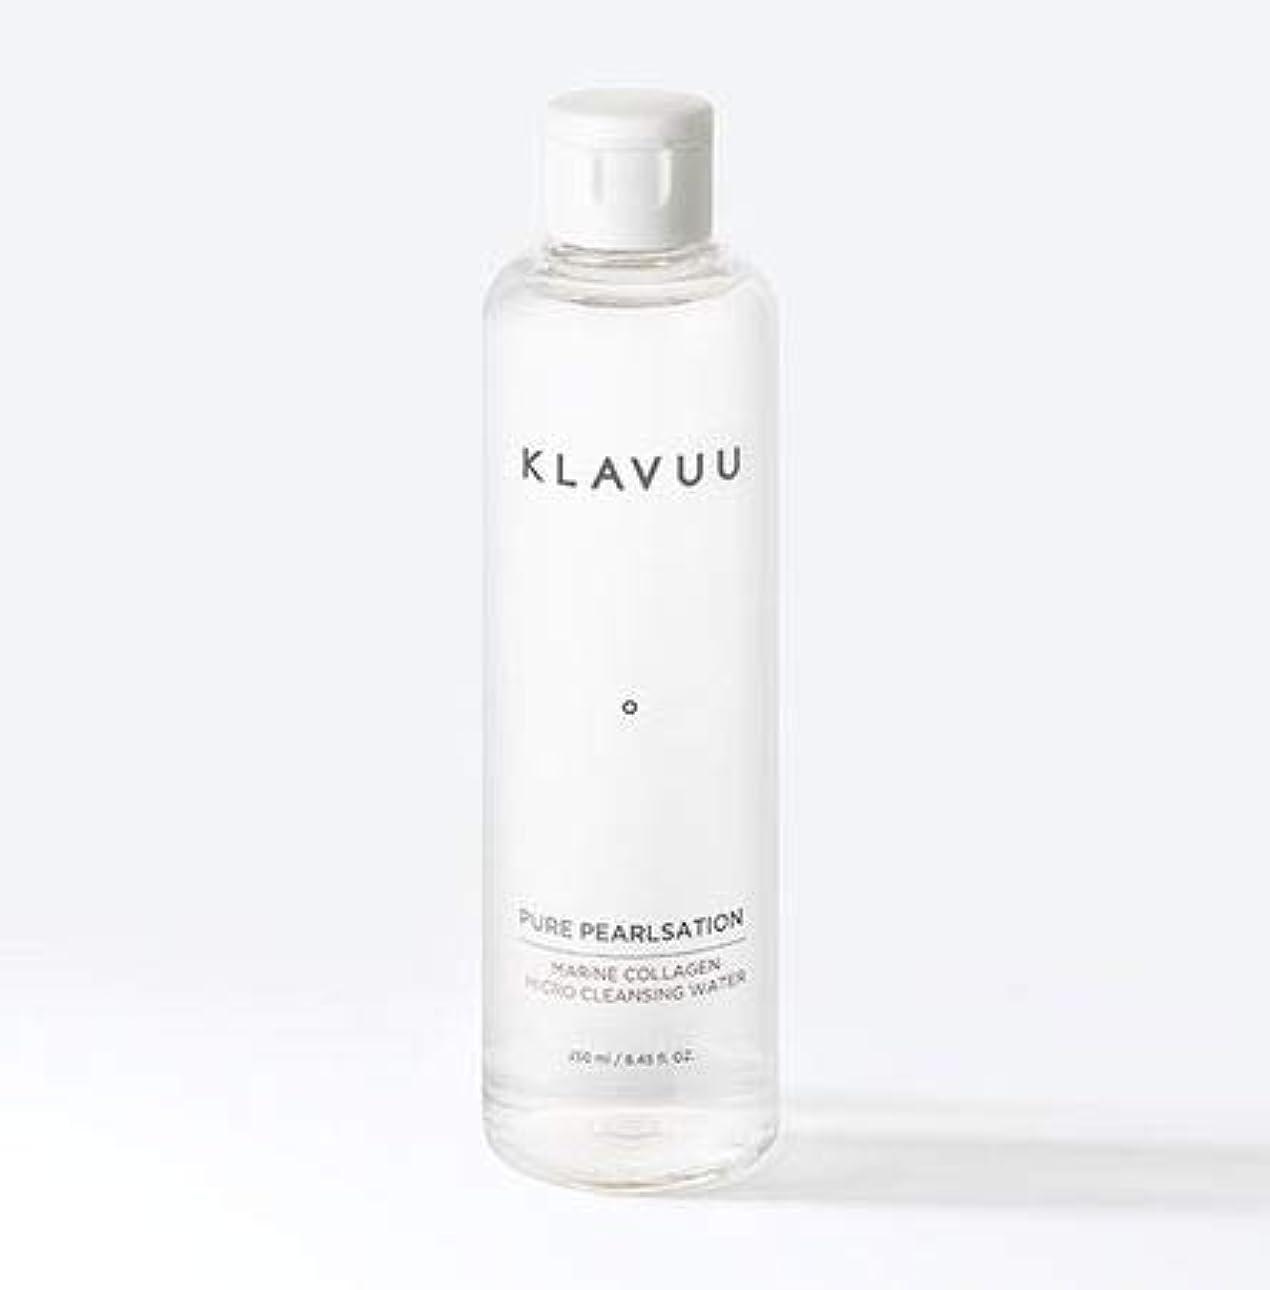 頼む生じる団結[ Klavuu ] PURE PEARLSATION Marine Collagen Micro Cleansing Water /[クラビュー (Klavuu)] ピュア パールセ―ション マリン コラーゲン クレンジング ウォーター [並行輸入品]